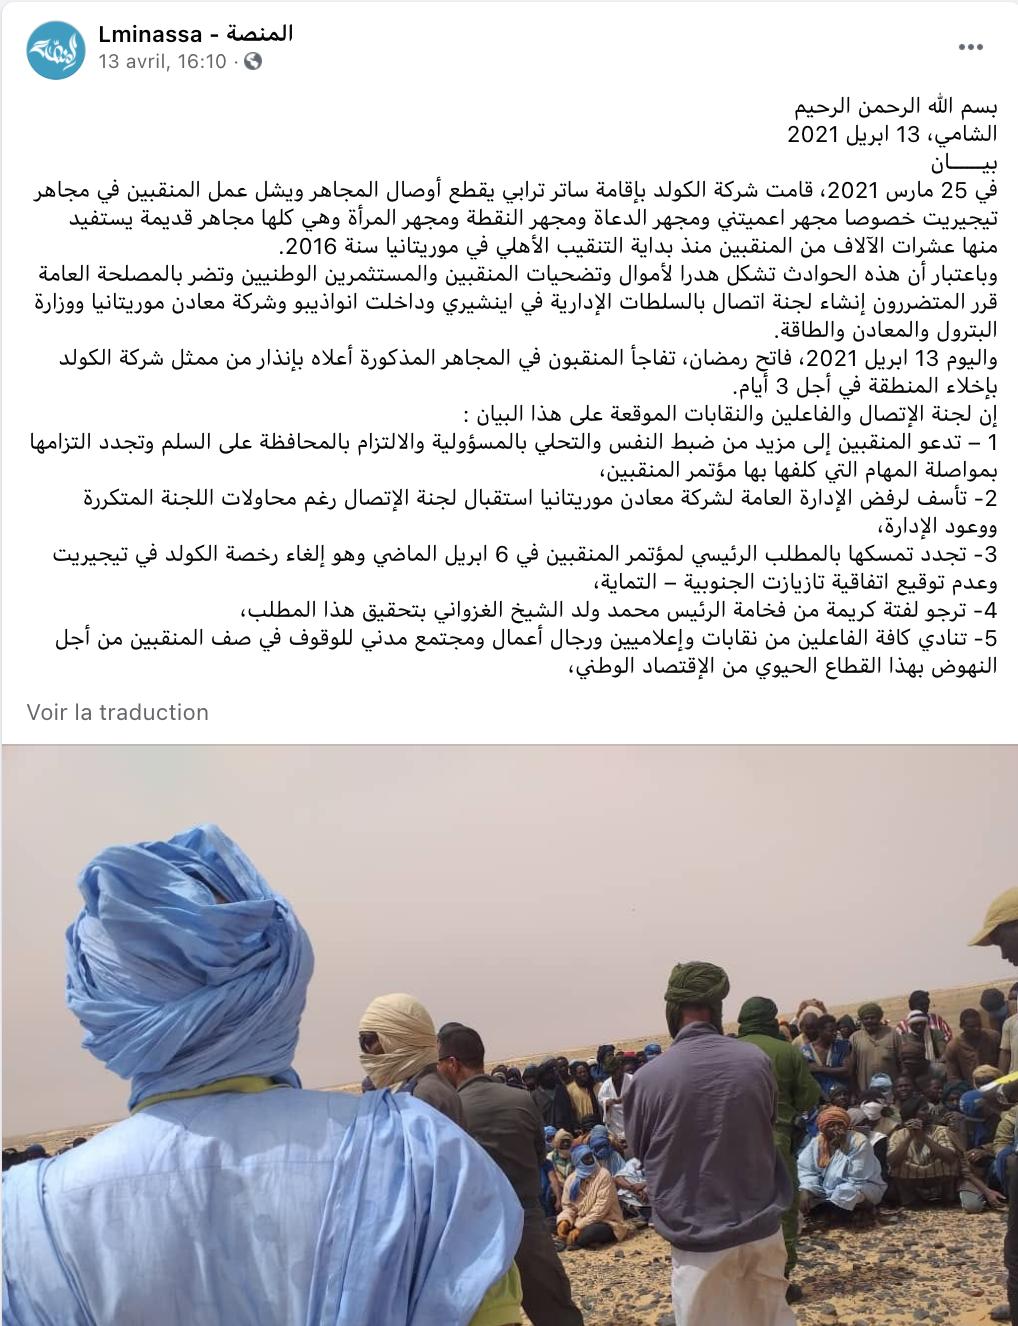 Menaces à Tijirit : pourquoi l'Etat laisse près de 300 orpailleurs inquiéter les investisseurs étrangers ?